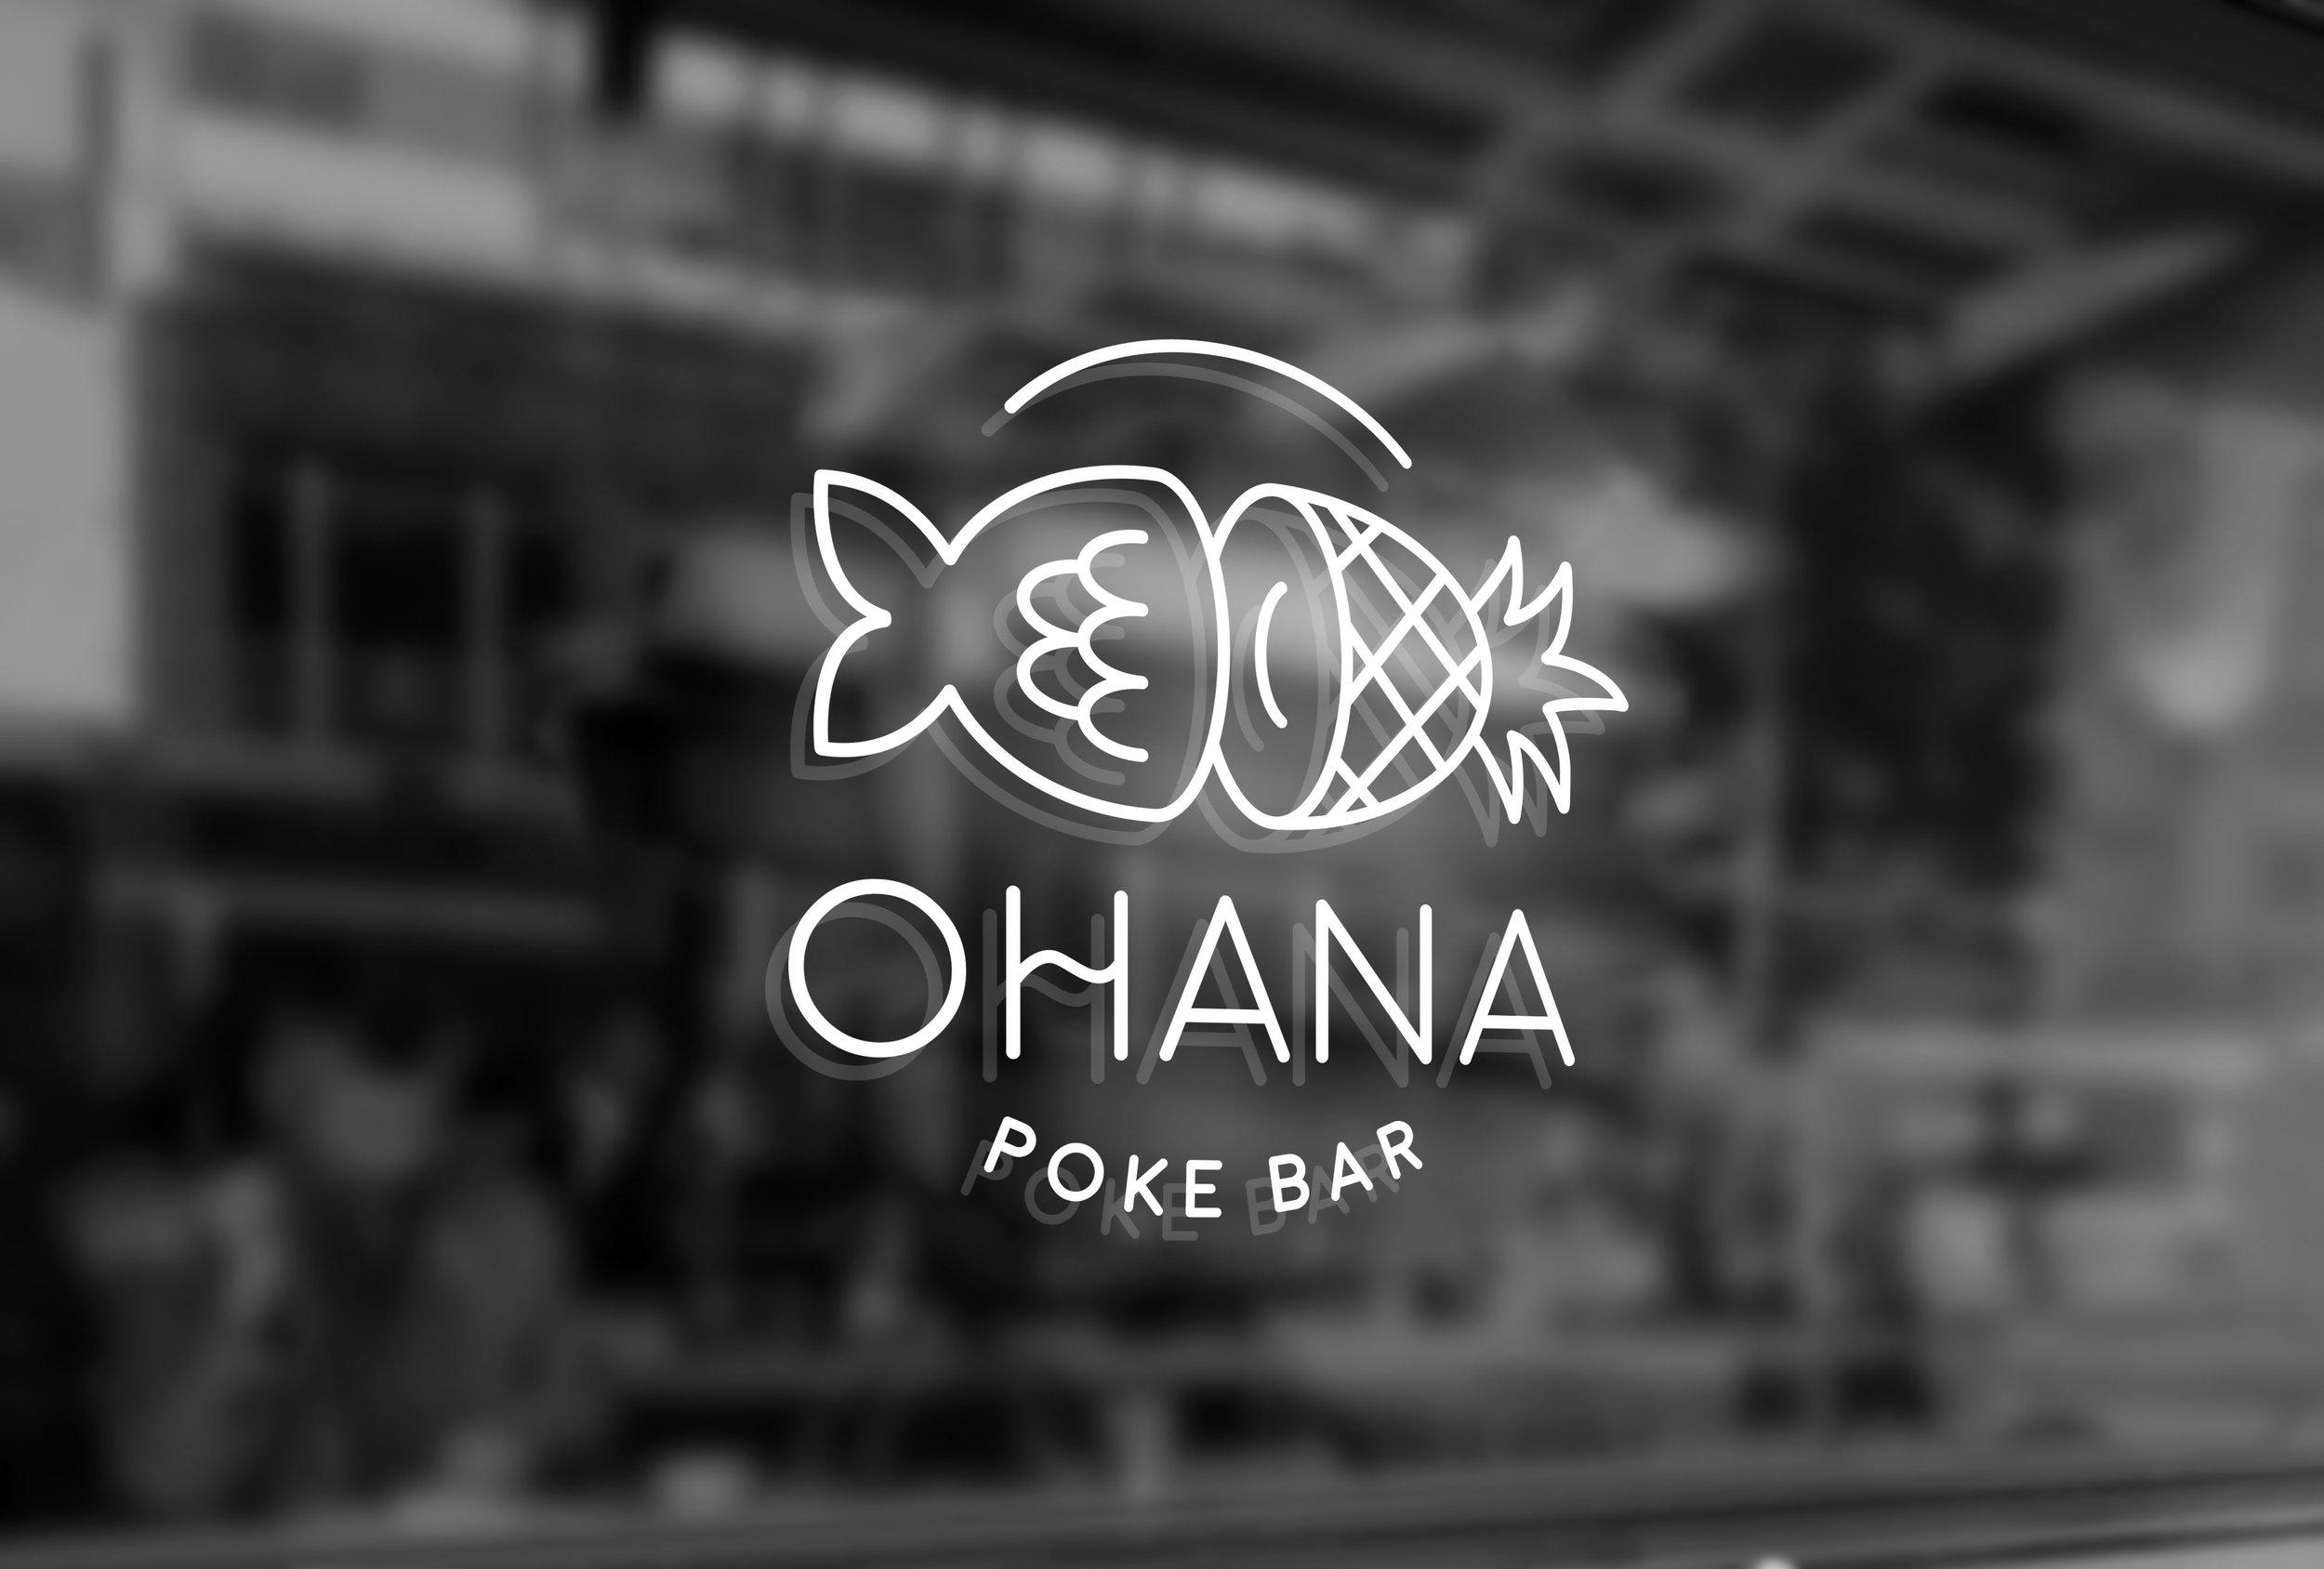 OHANA_logo vitrine.jpg